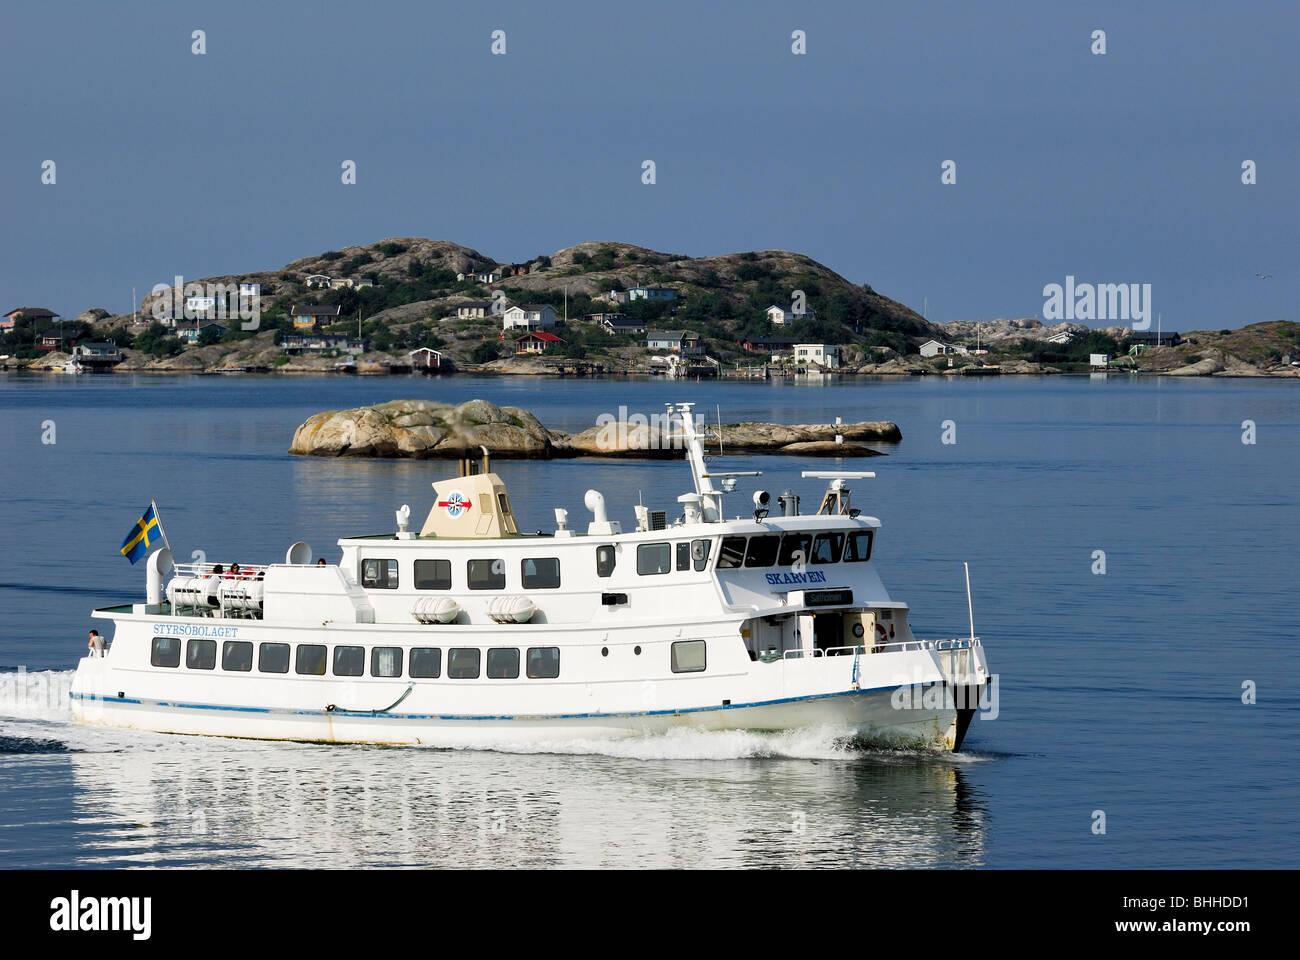 A passenger steamer passing an island, Sweden. - Stock Image